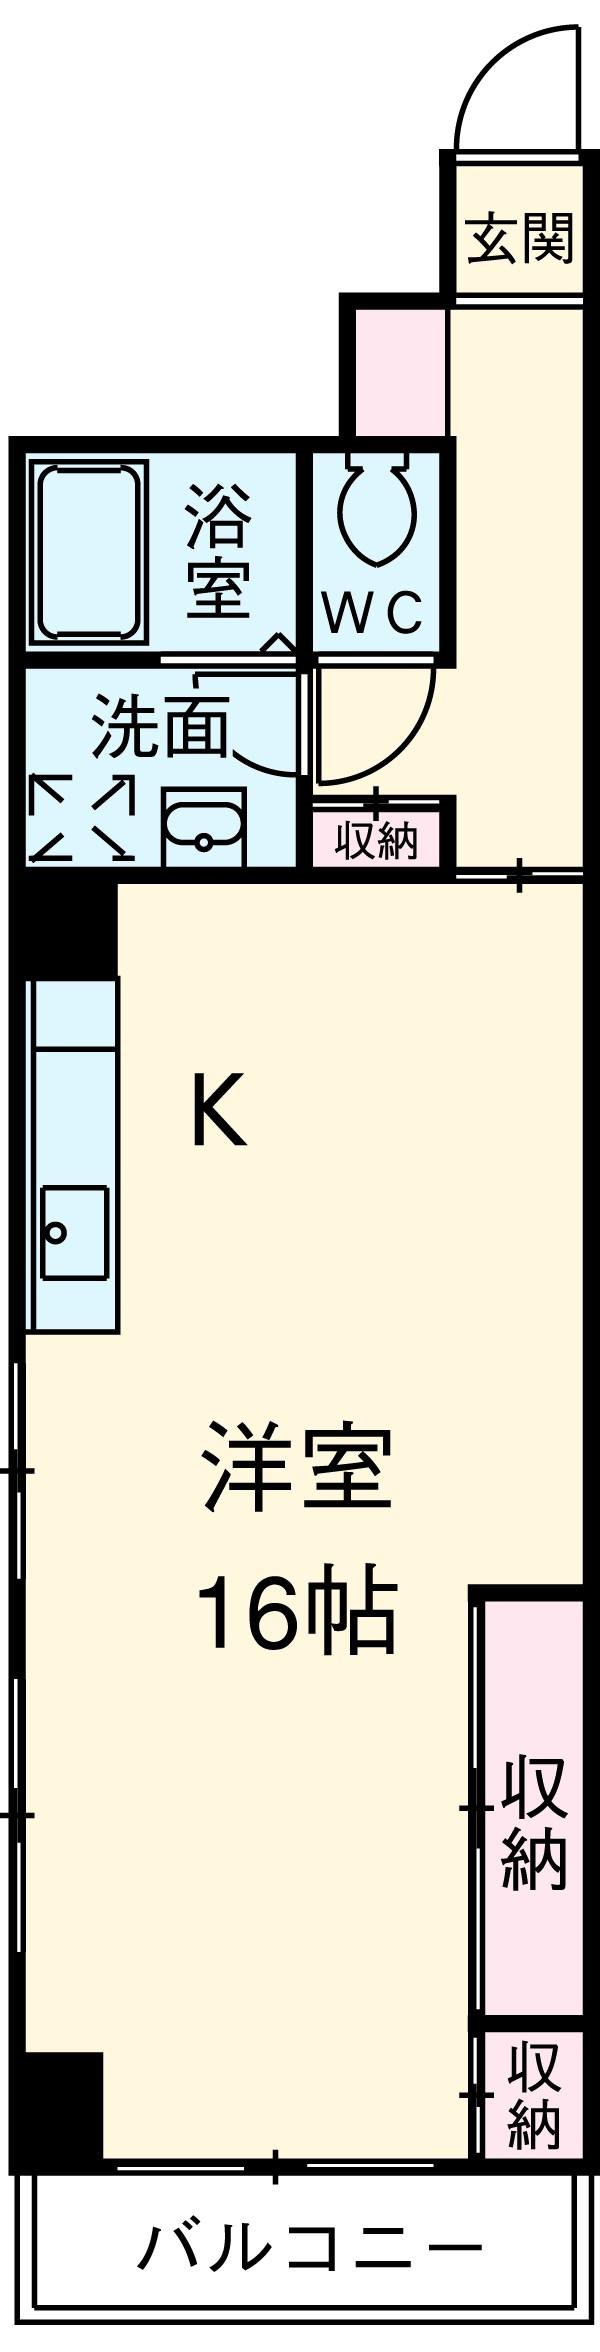 小石川播磨坂ハイツ・103号室の間取り